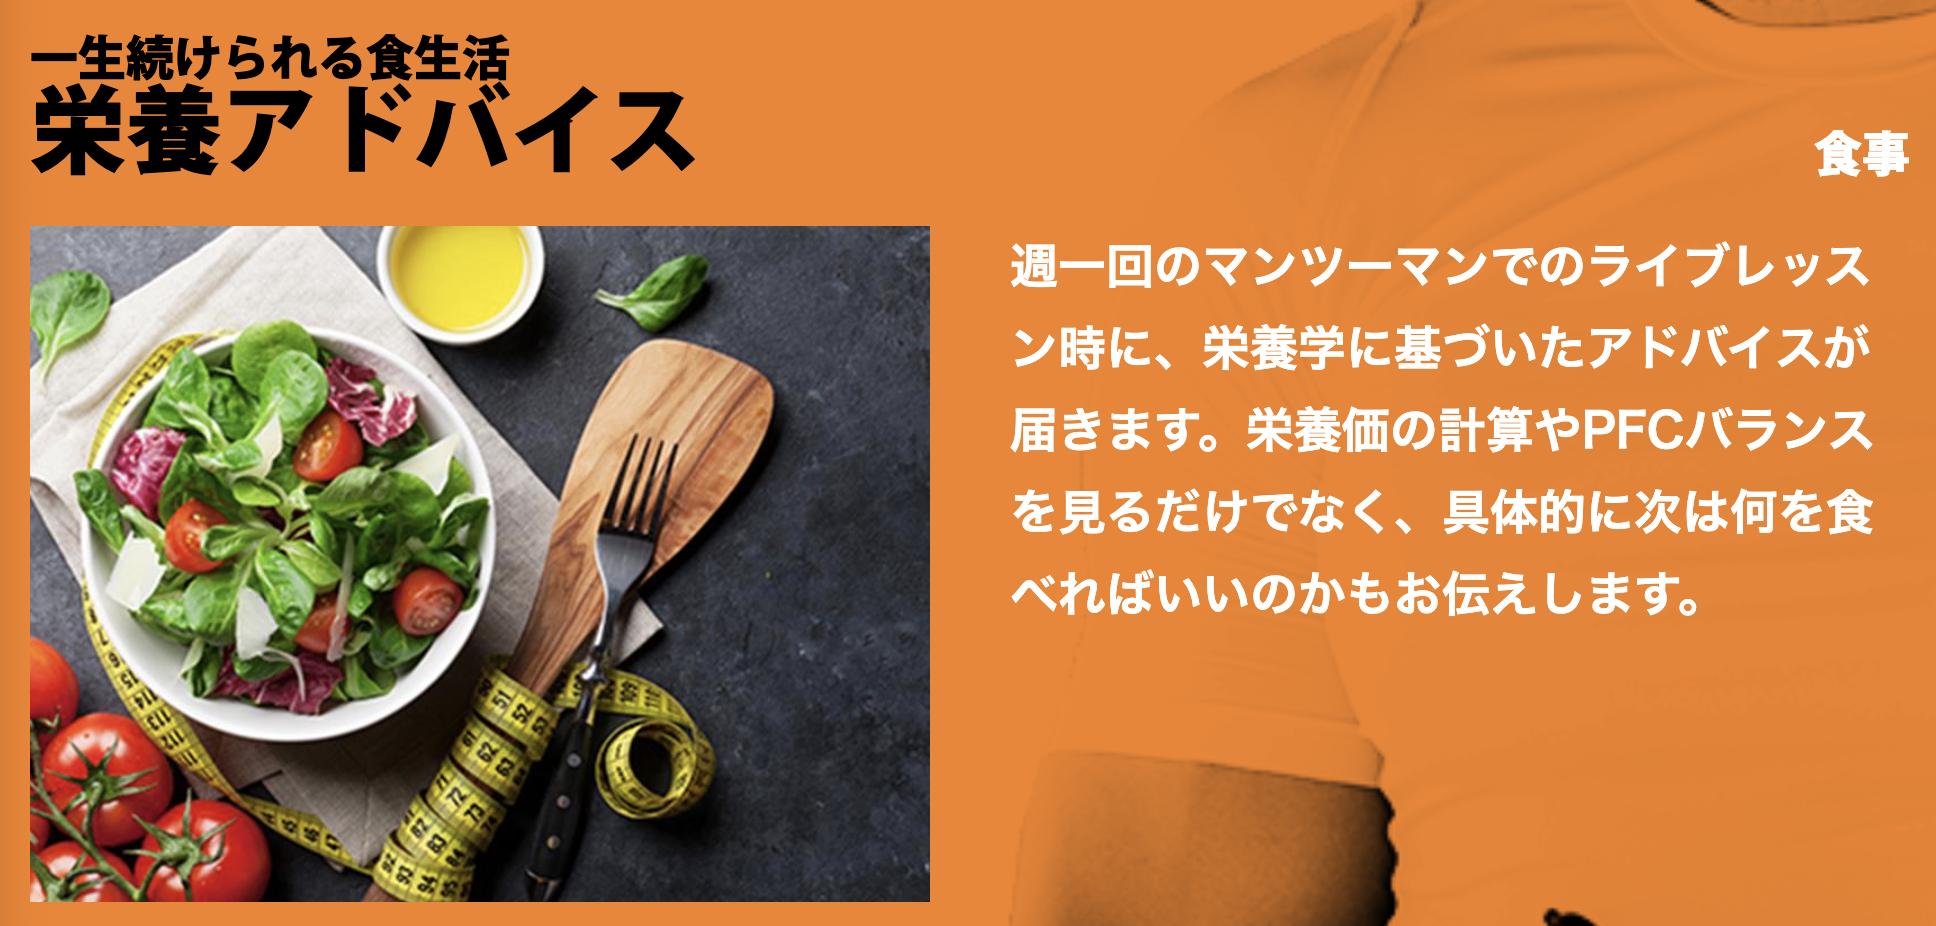 ②無理なく続けられる食事指導